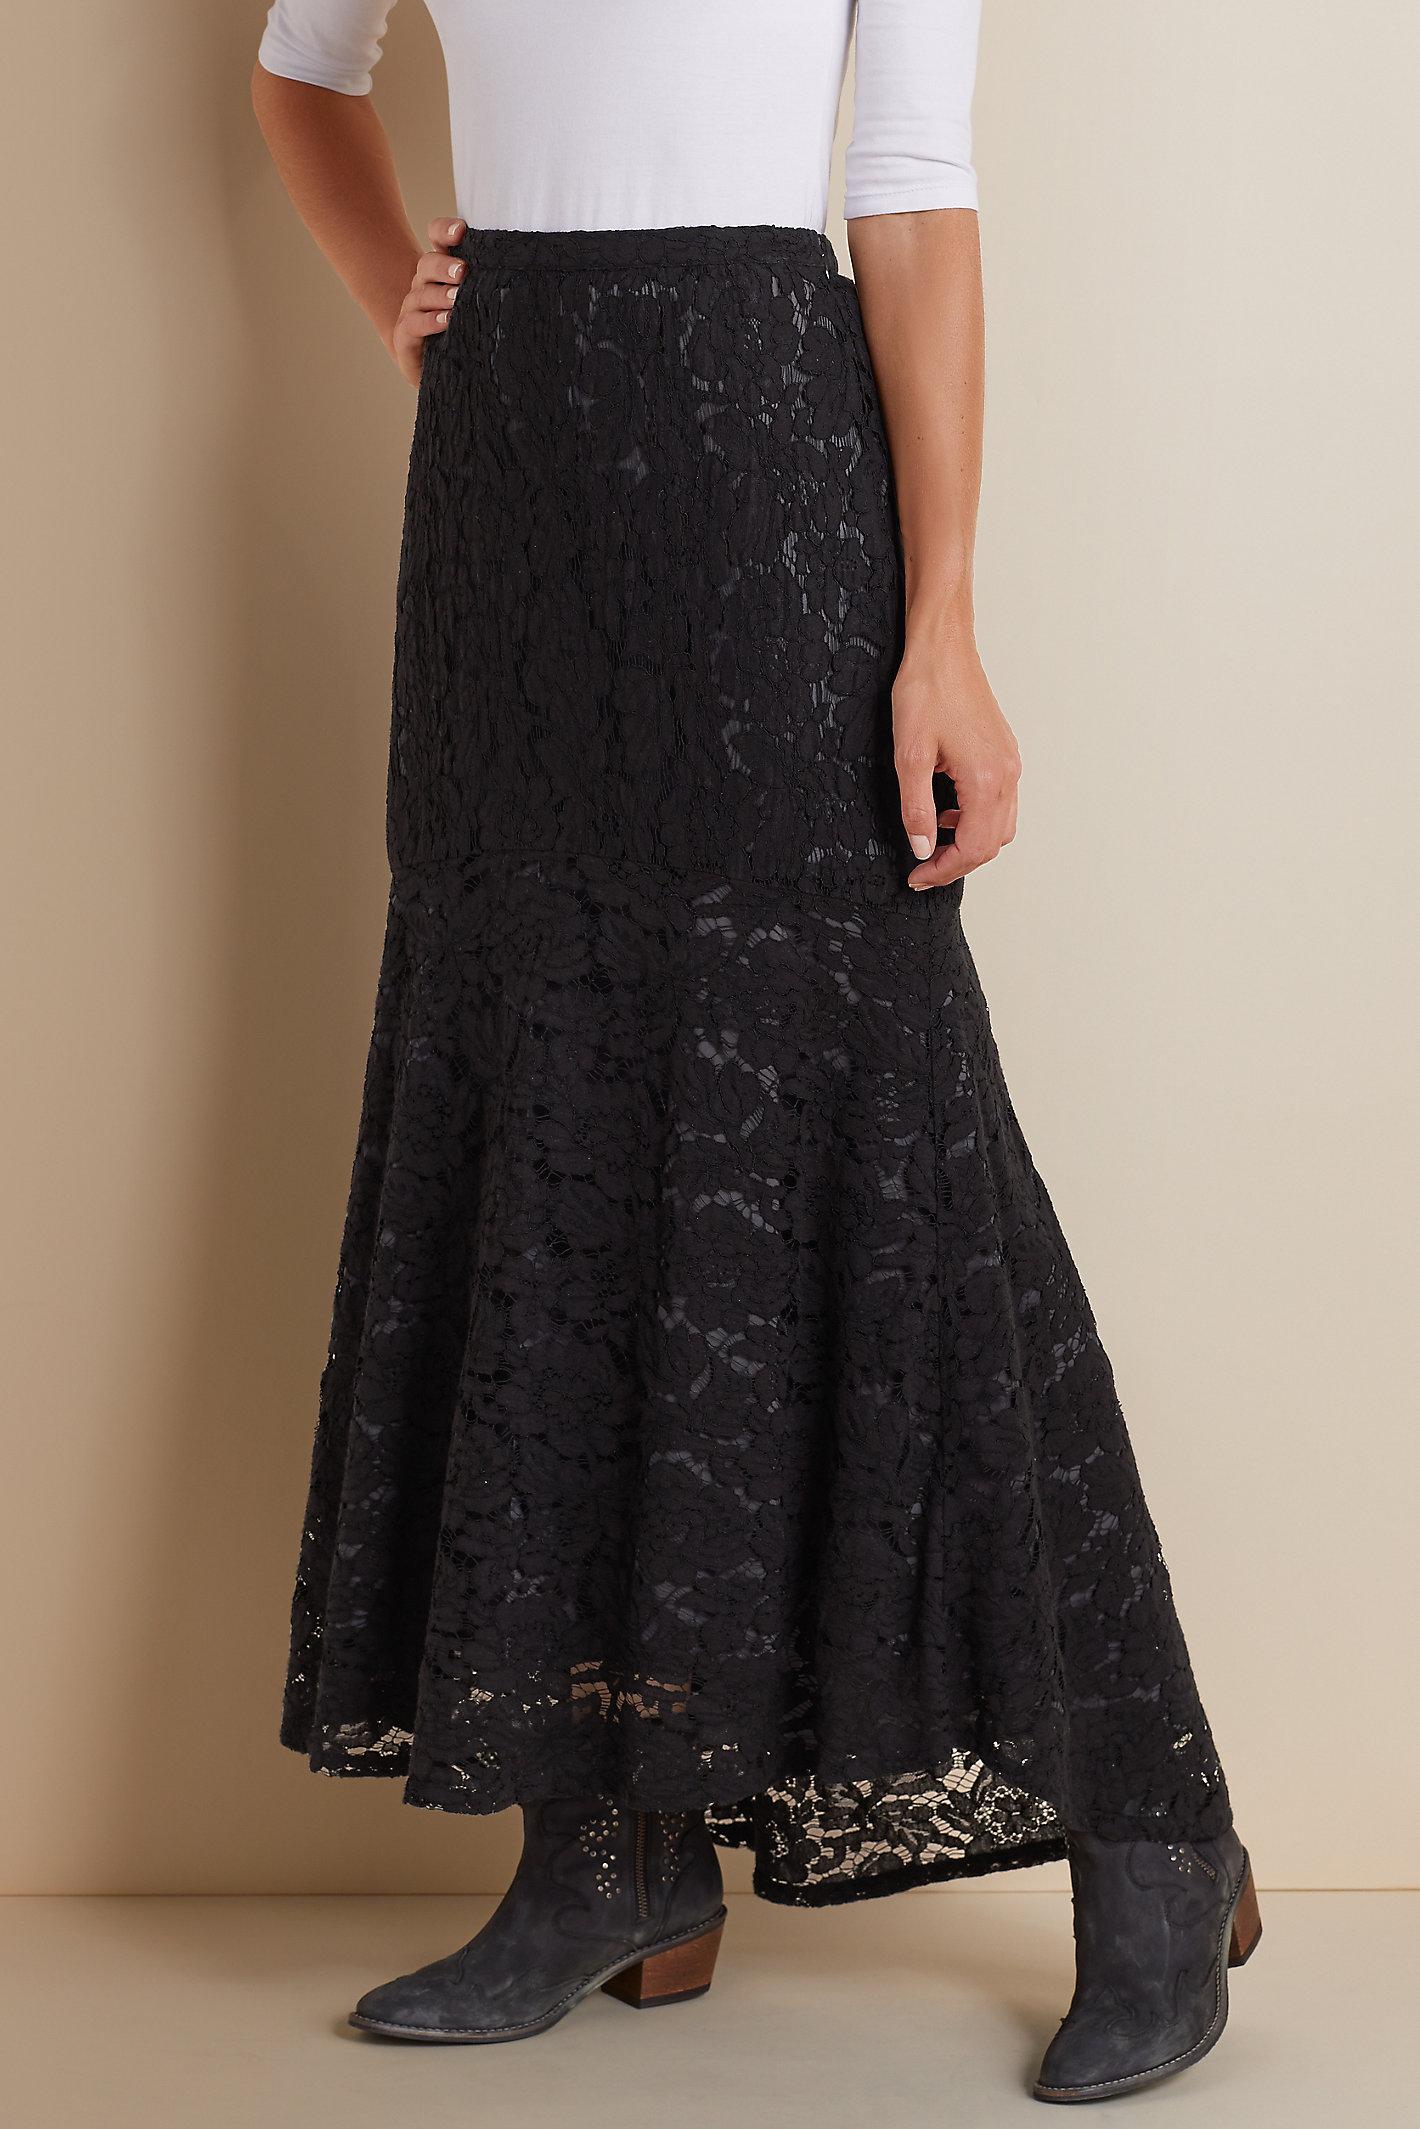 Laken Lace Skirt